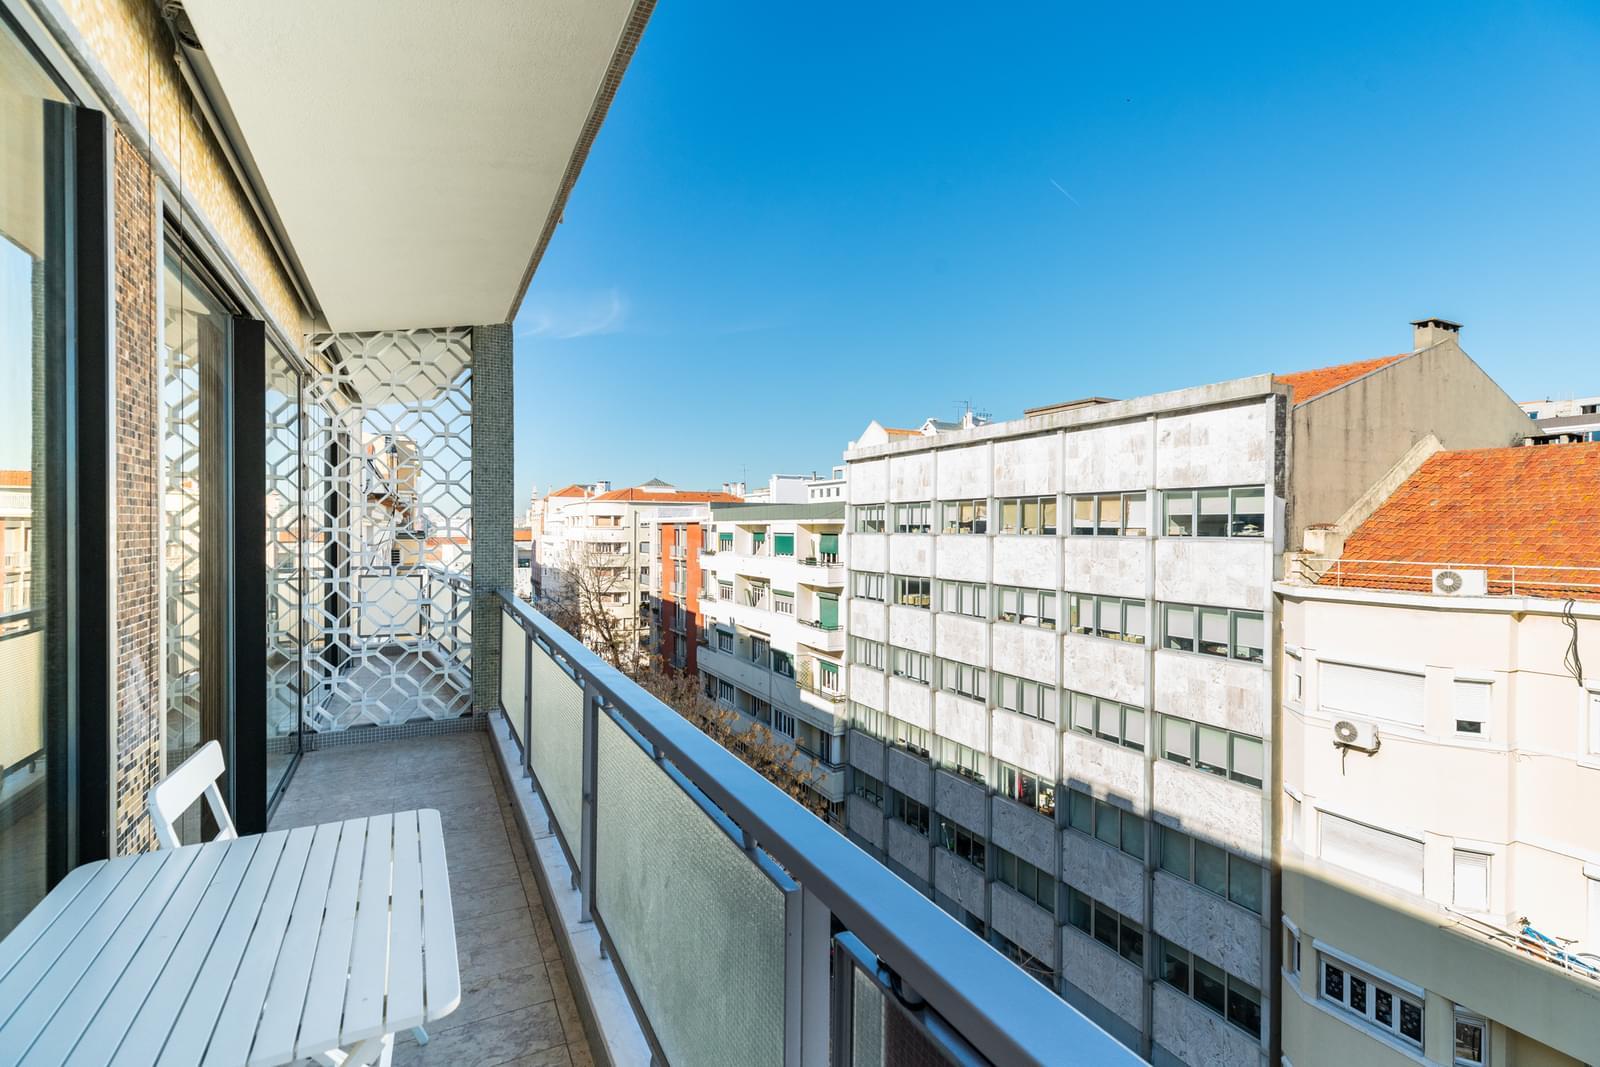 pf19126-apartamento-t2-lisboa-17bb0f89-d874-4d4d-a306-ae408ed54fa3